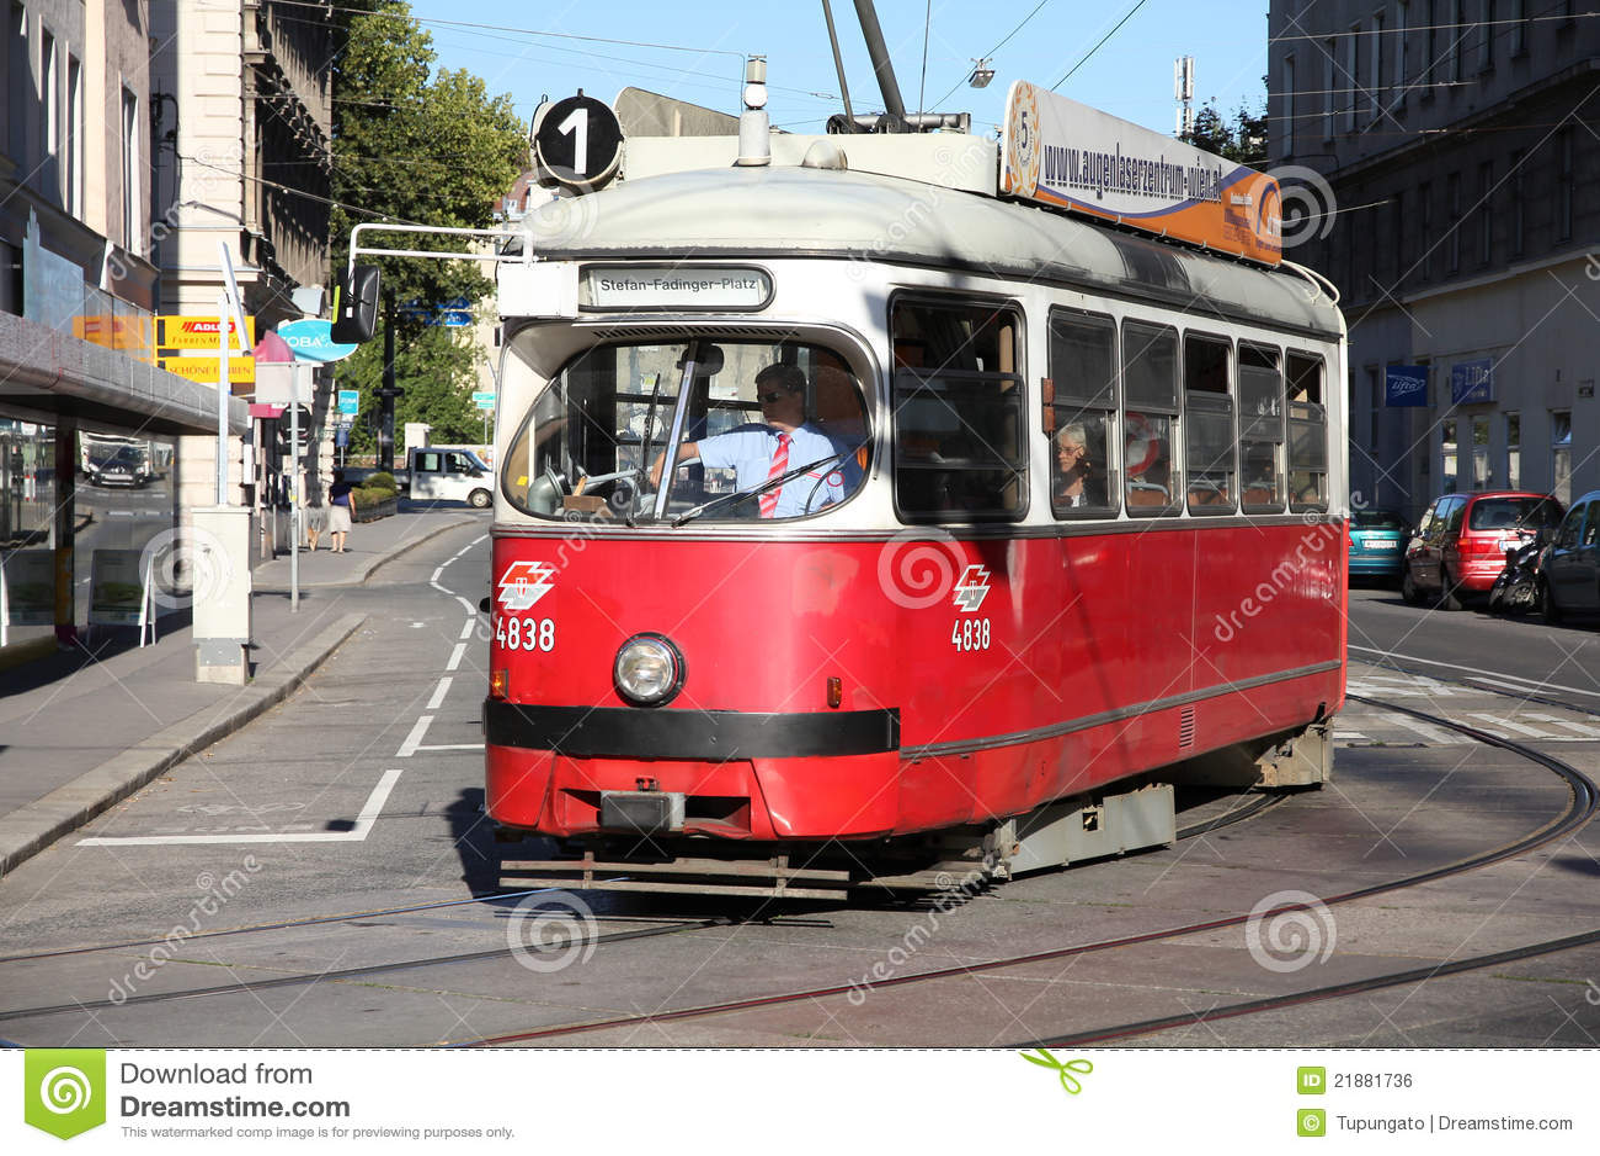 Vienna Public Transport Planner